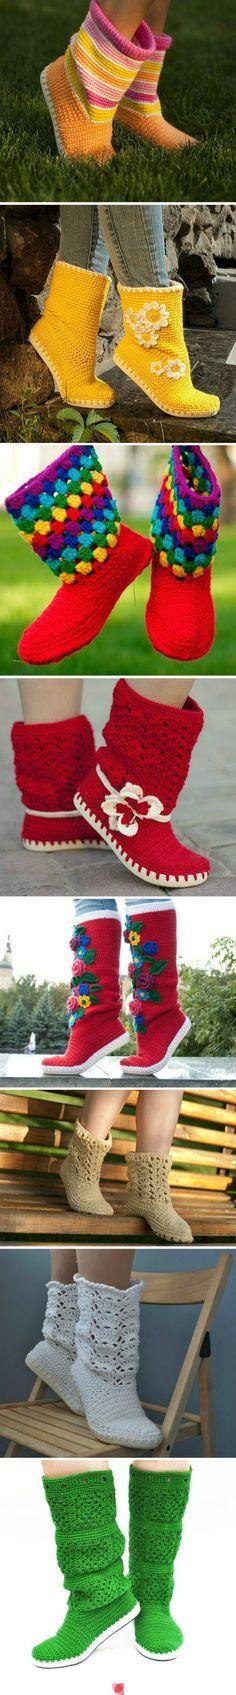 Crochet Boots